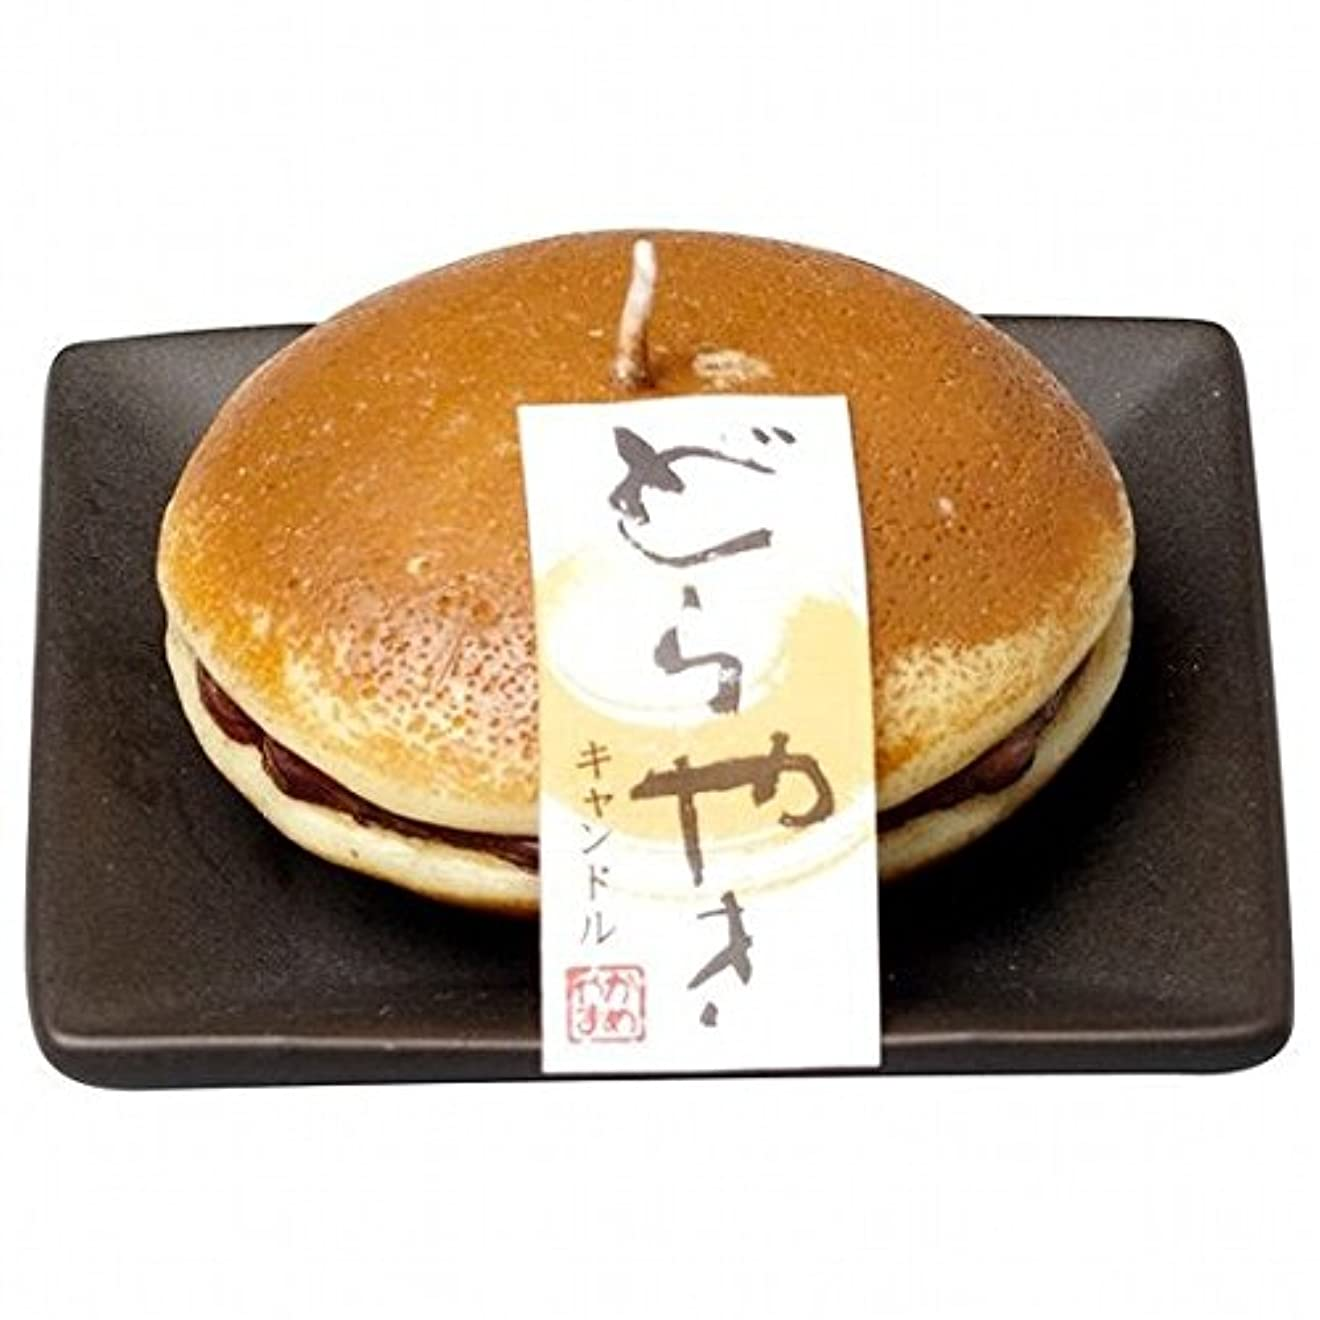 一貫したユダヤ人傷つけるkameyama candle(カメヤマキャンドル) どらやきキャンドル(86550000)